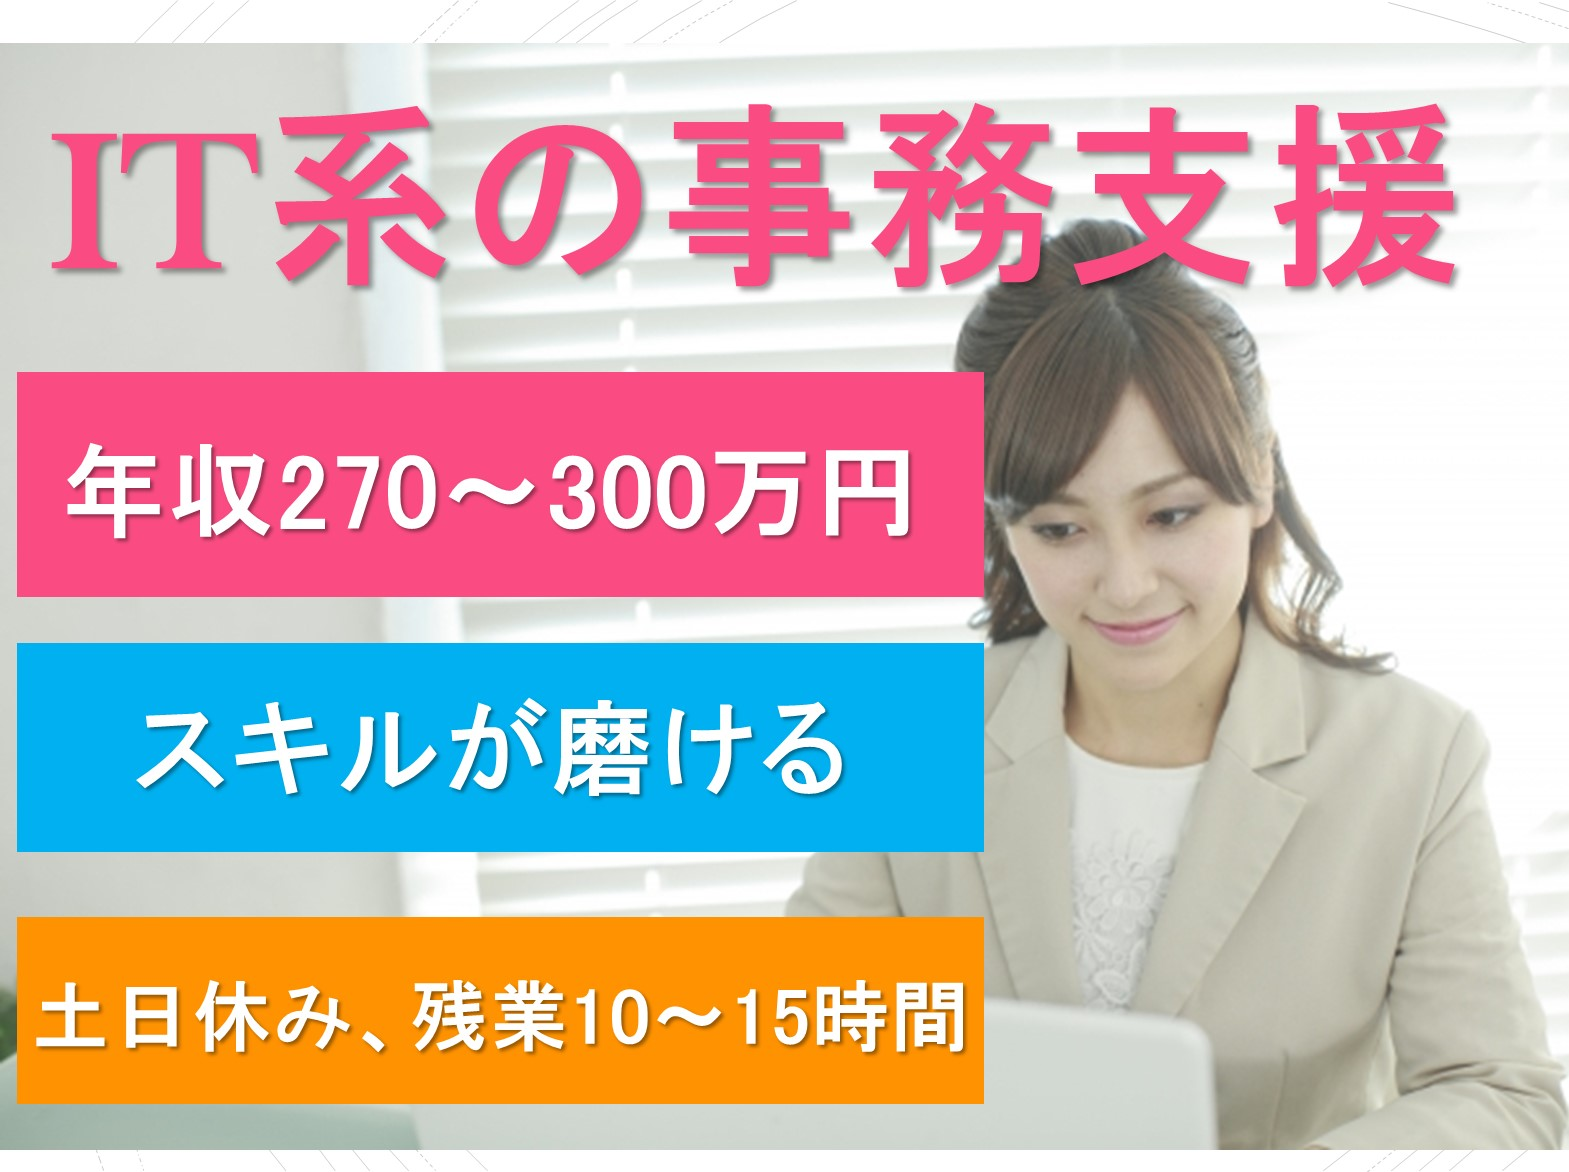 年収270~300万円!◇IT系の事務支援◇スキルアップできます! イメージ